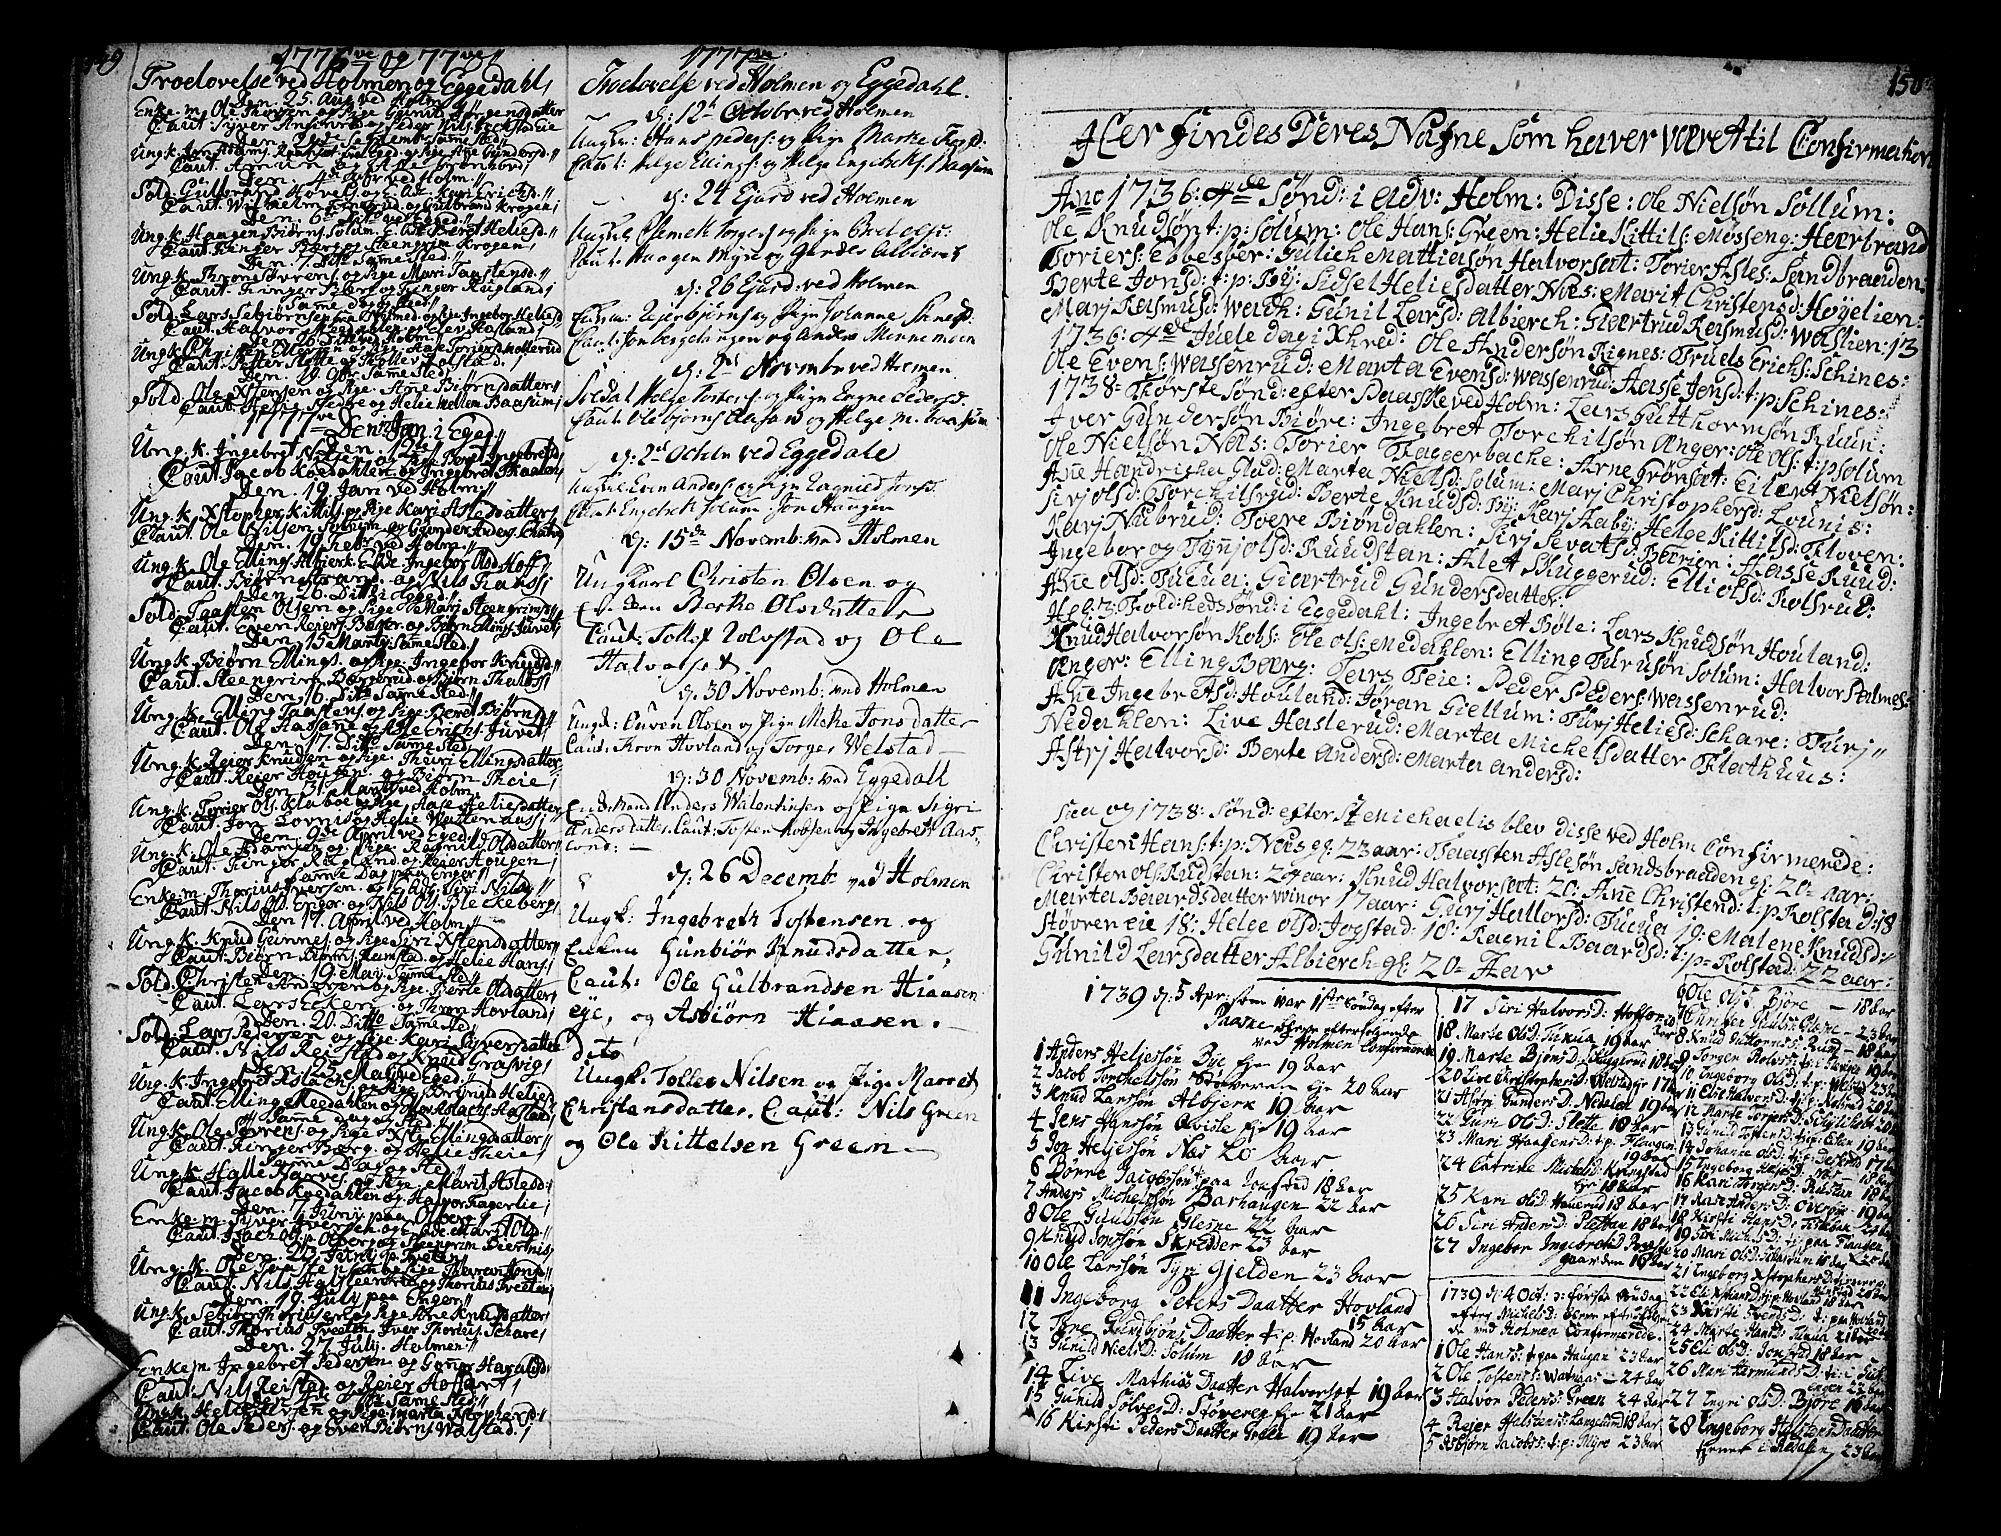 SAKO, Sigdal kirkebøker, F/Fa/L0001: Ministerialbok nr. I 1, 1722-1777, s. 149-150